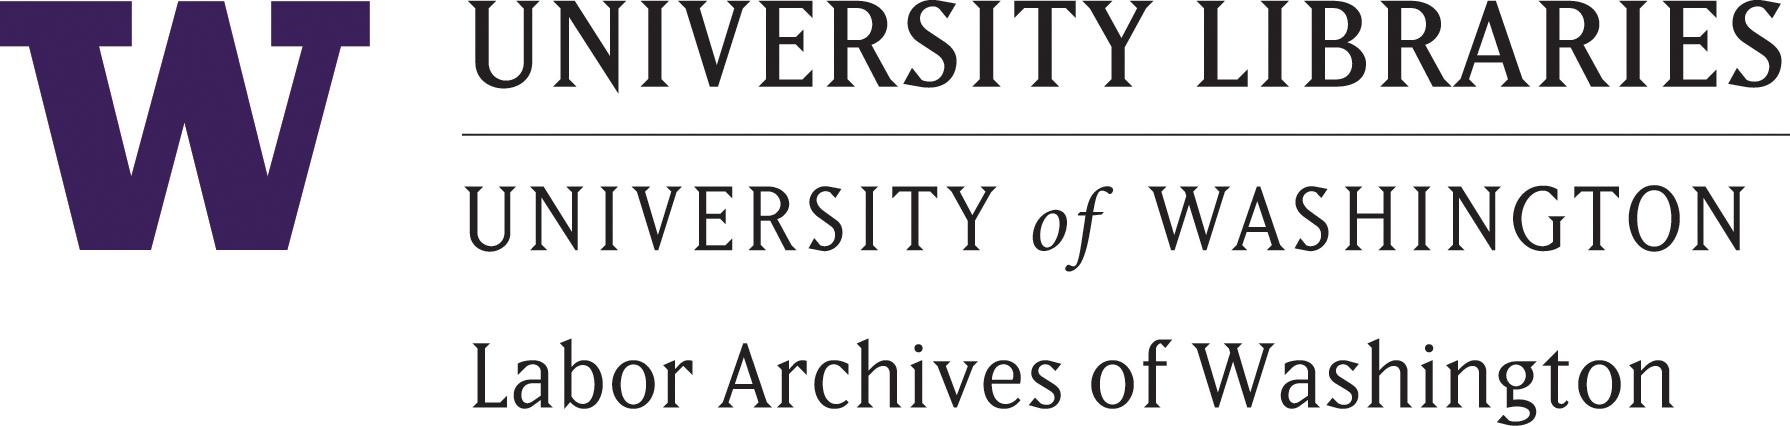 Labor Archives of Washington logo